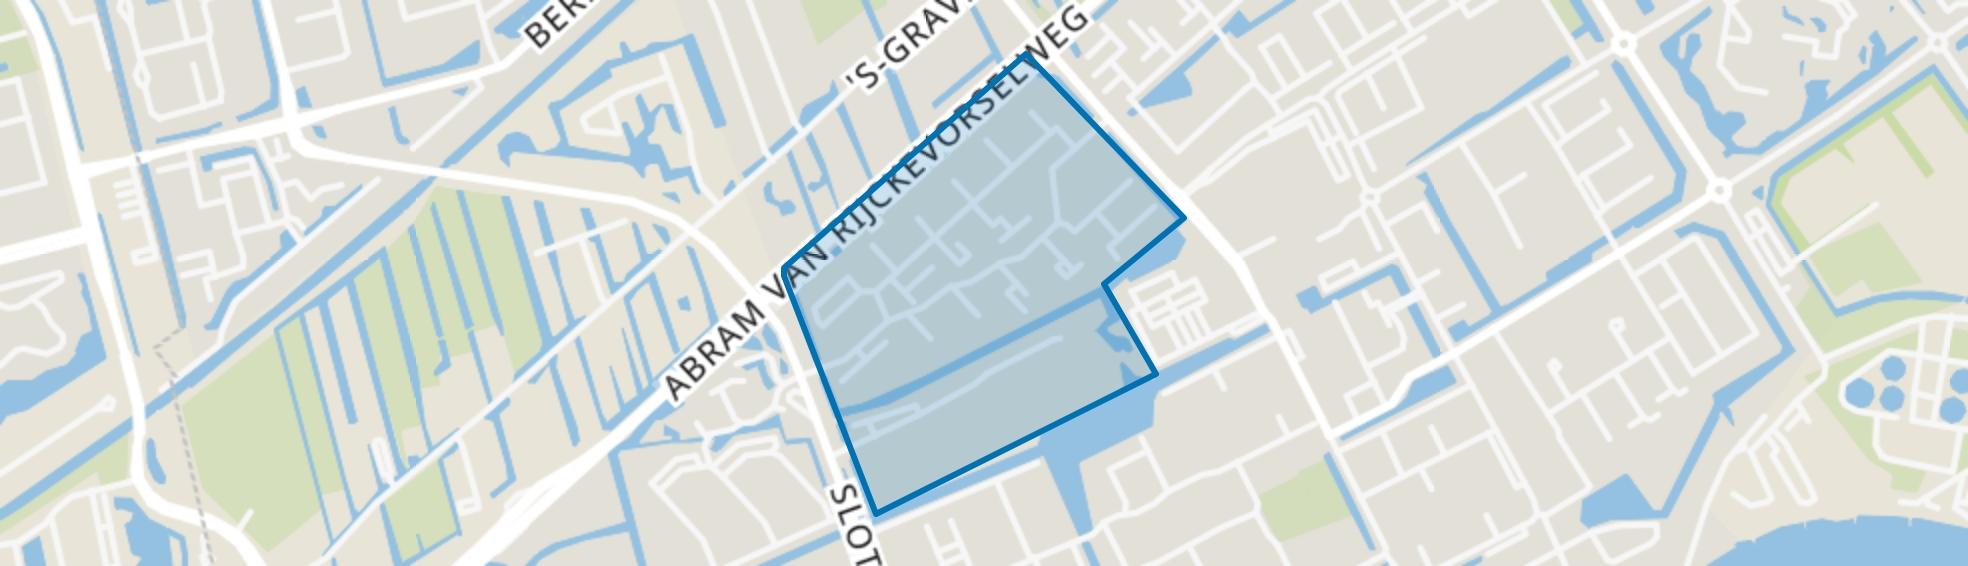 Merelbuurt, Capelle aan den IJssel map